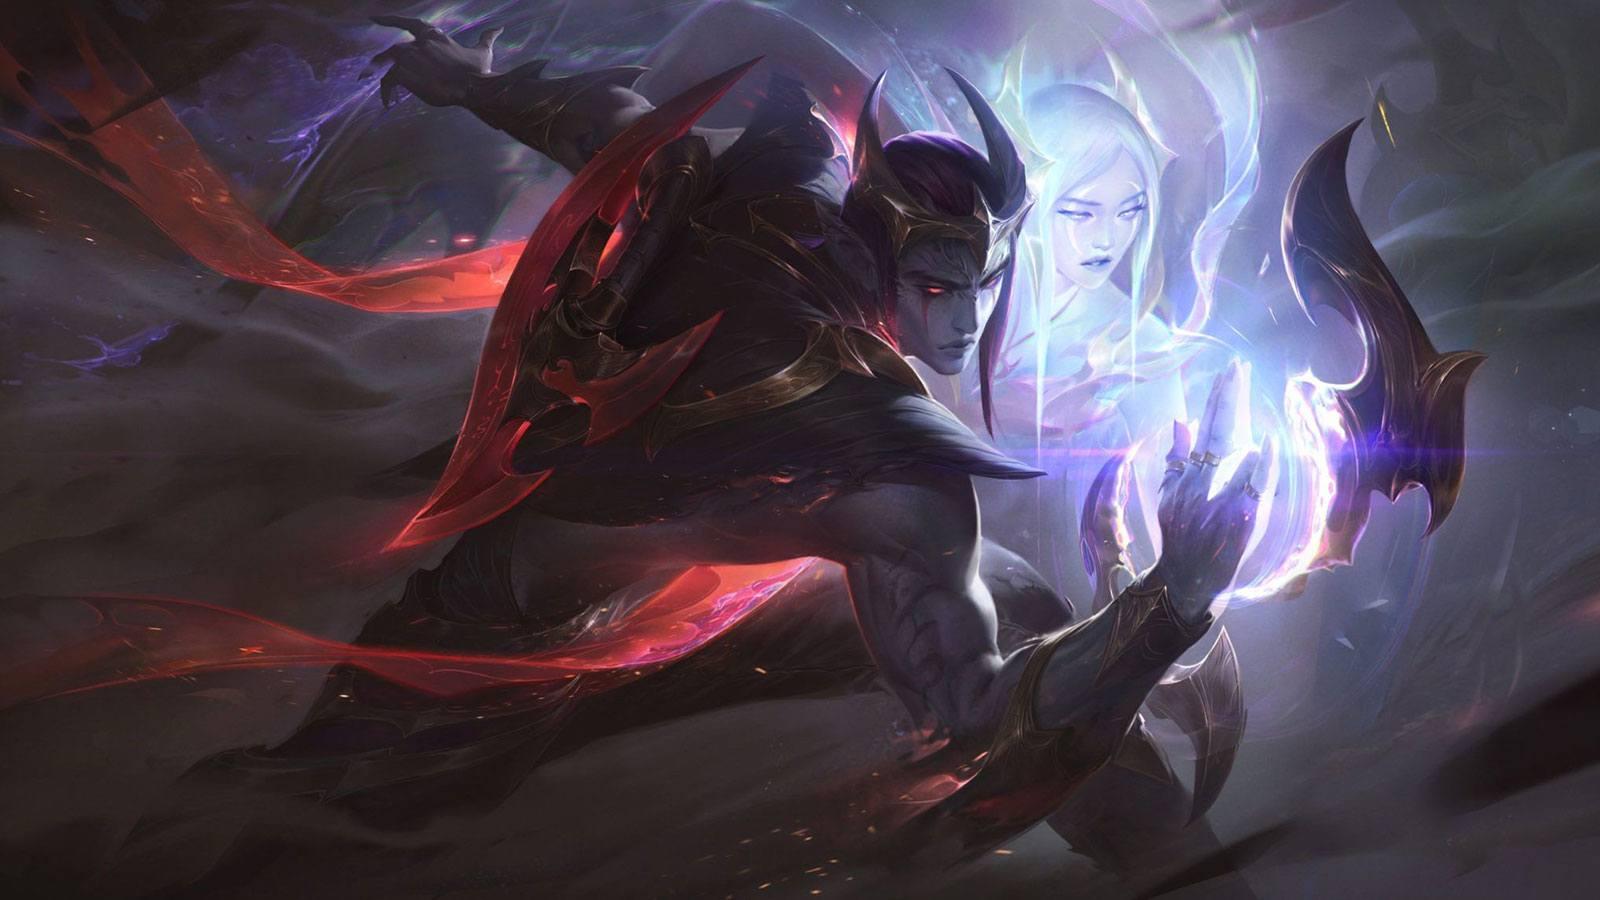 Aphelios League of Legends Riot Games